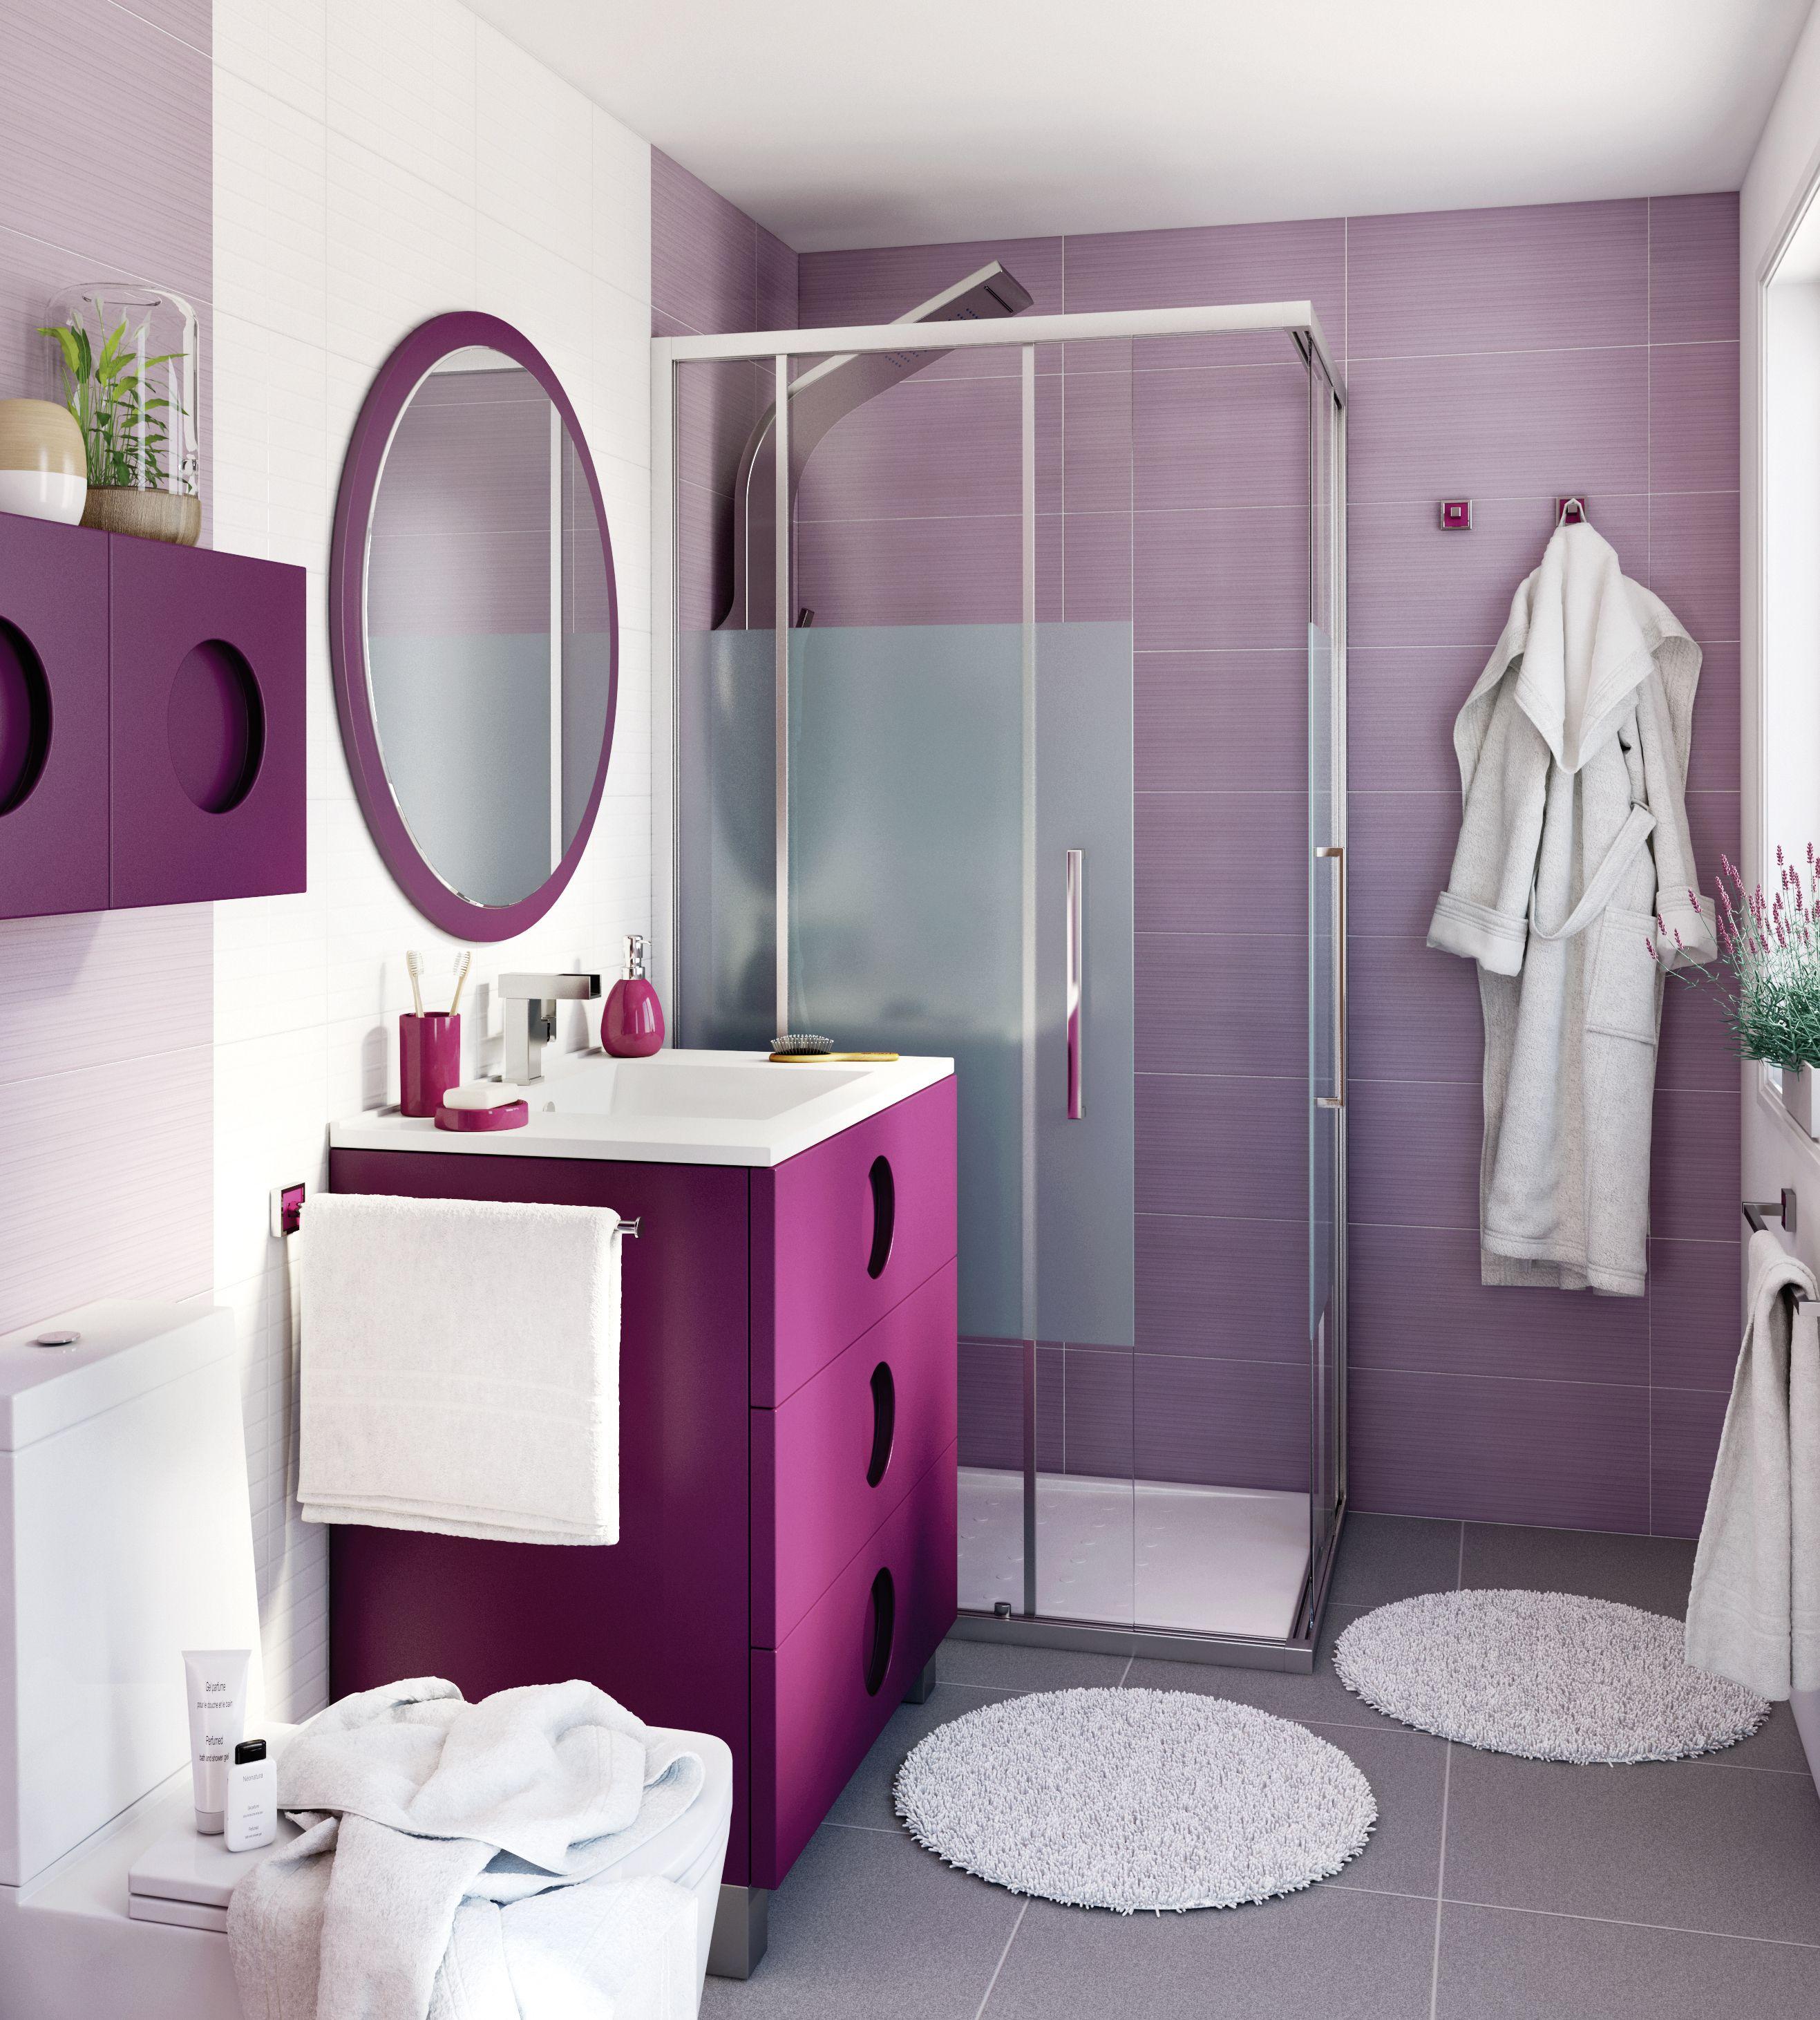 La cer mica a tono con el mueble potencia el color leroy - Ceramica leroy merlin ...